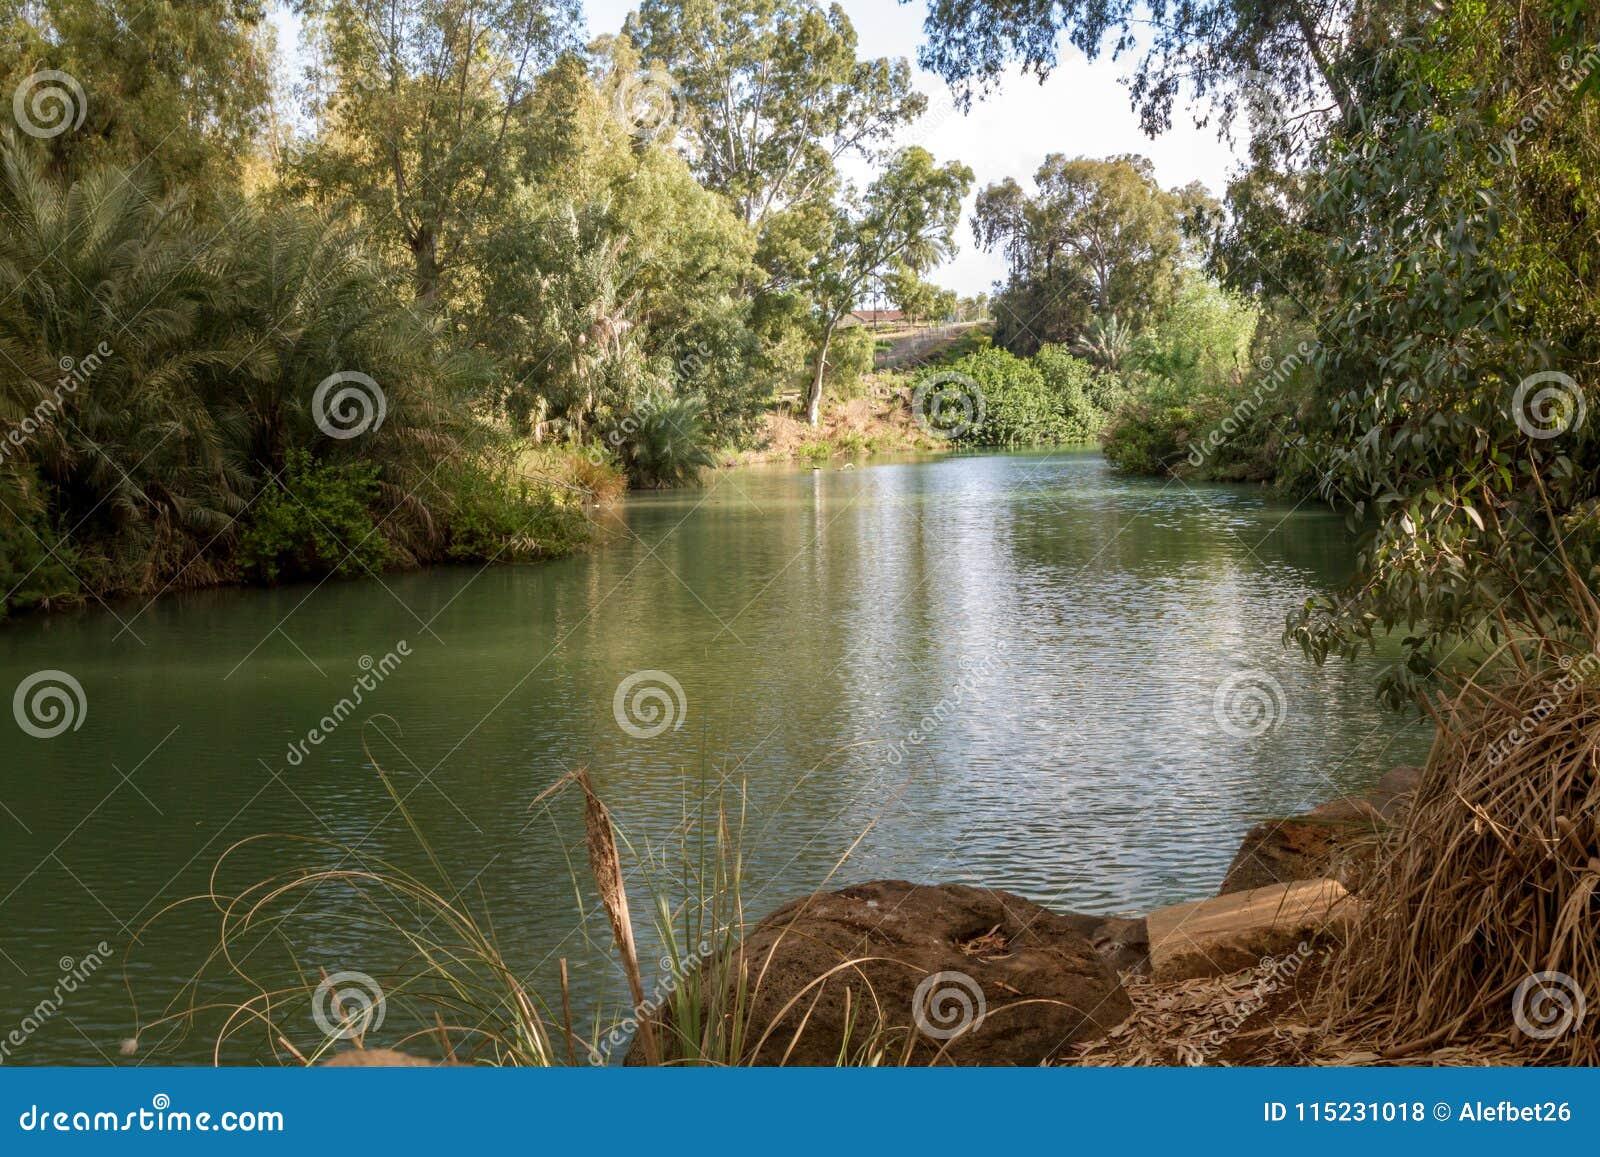 Costas de Jordan River no local batismal, Israel